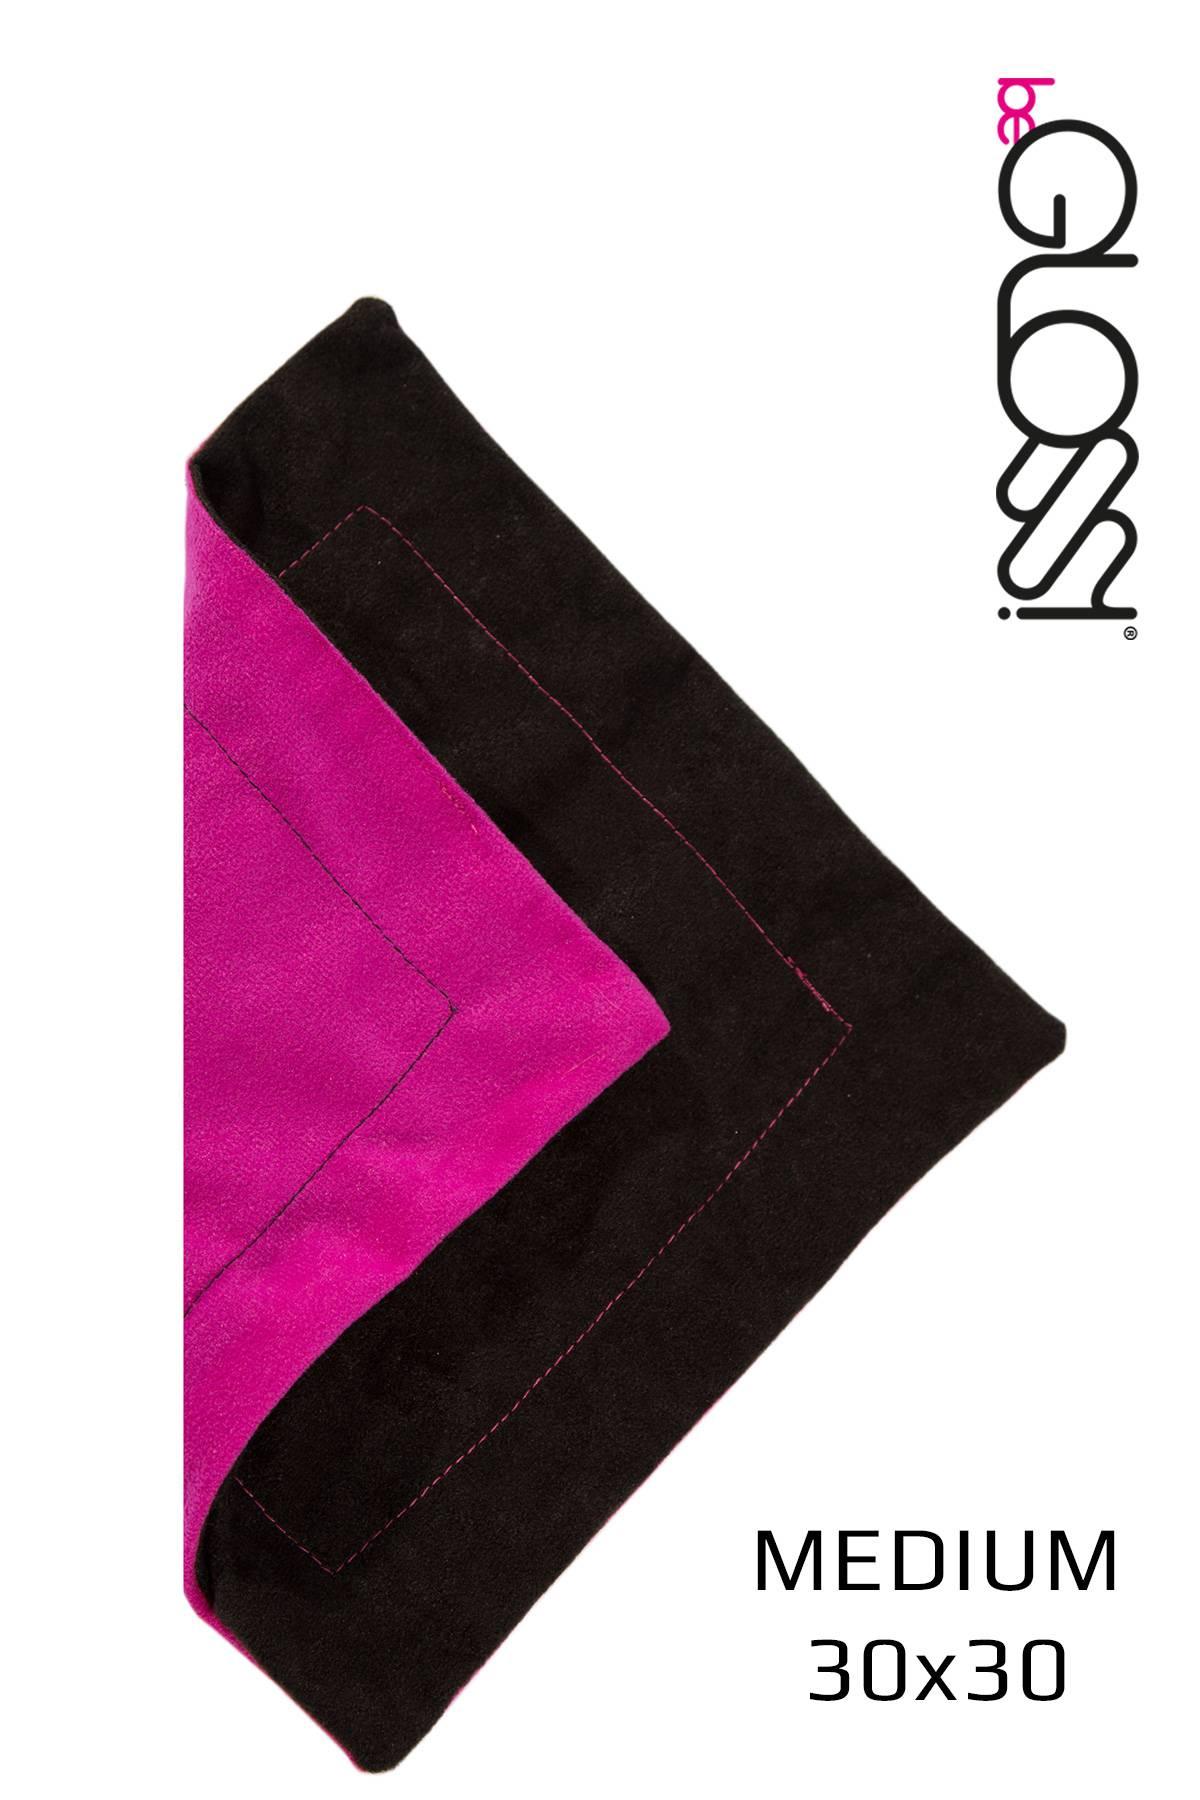 Poliertuch in Schwarz mit Pink für perfekten Glanz der Latex Kleidung von beGloss